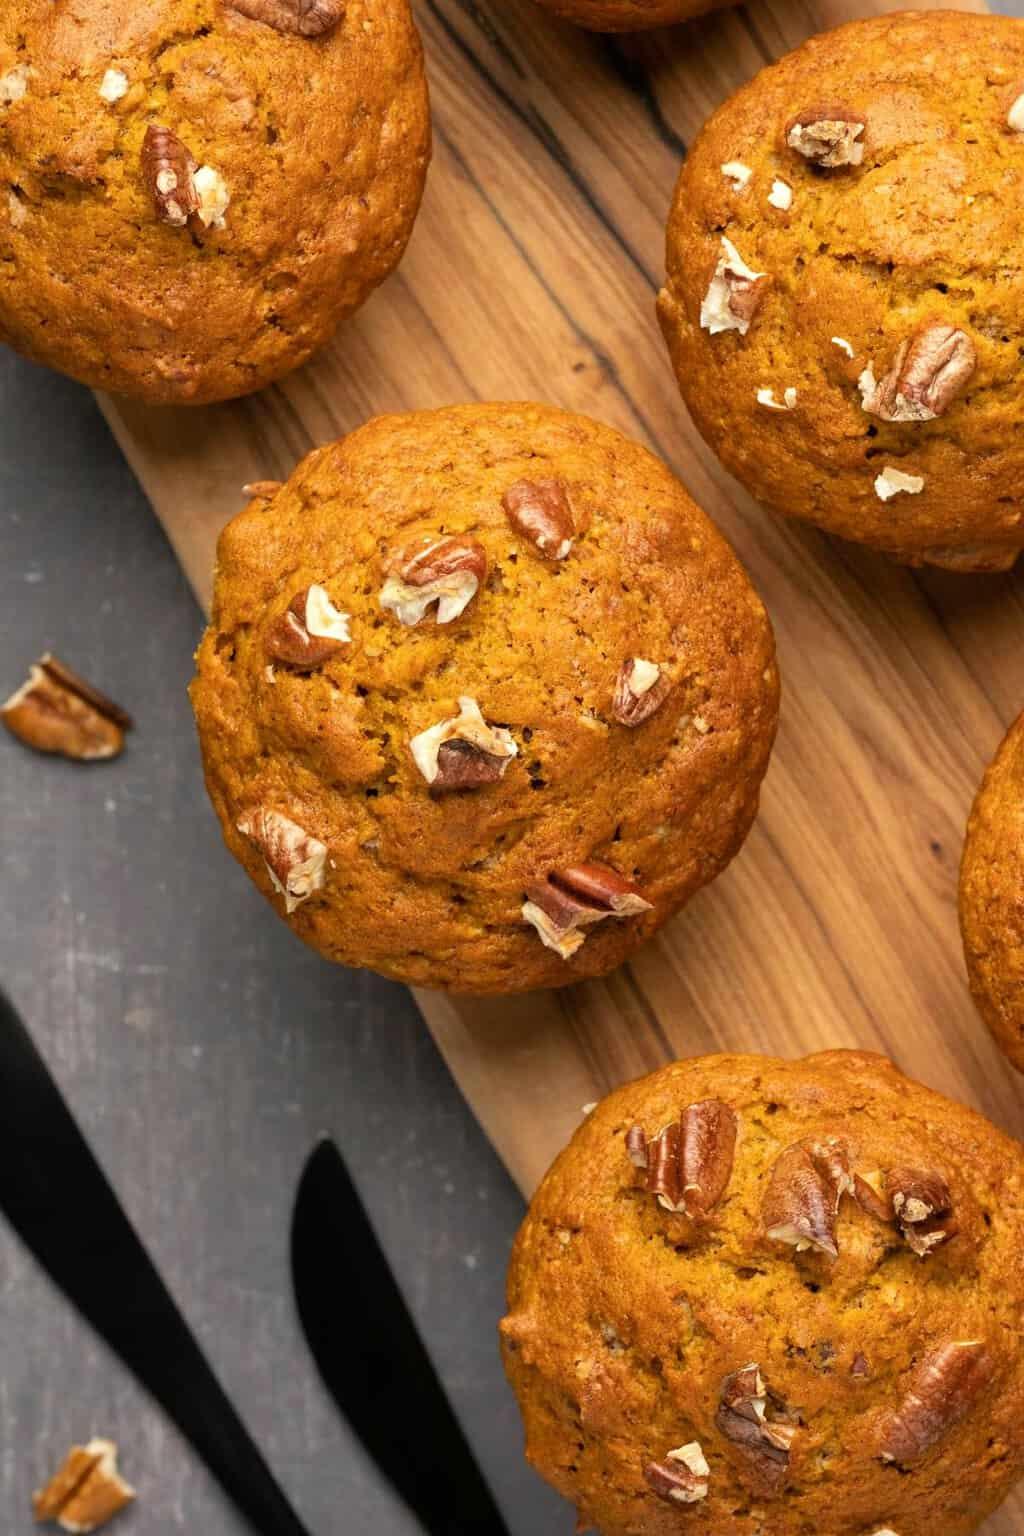 Vegan pumpkin muffins on a wooden board.